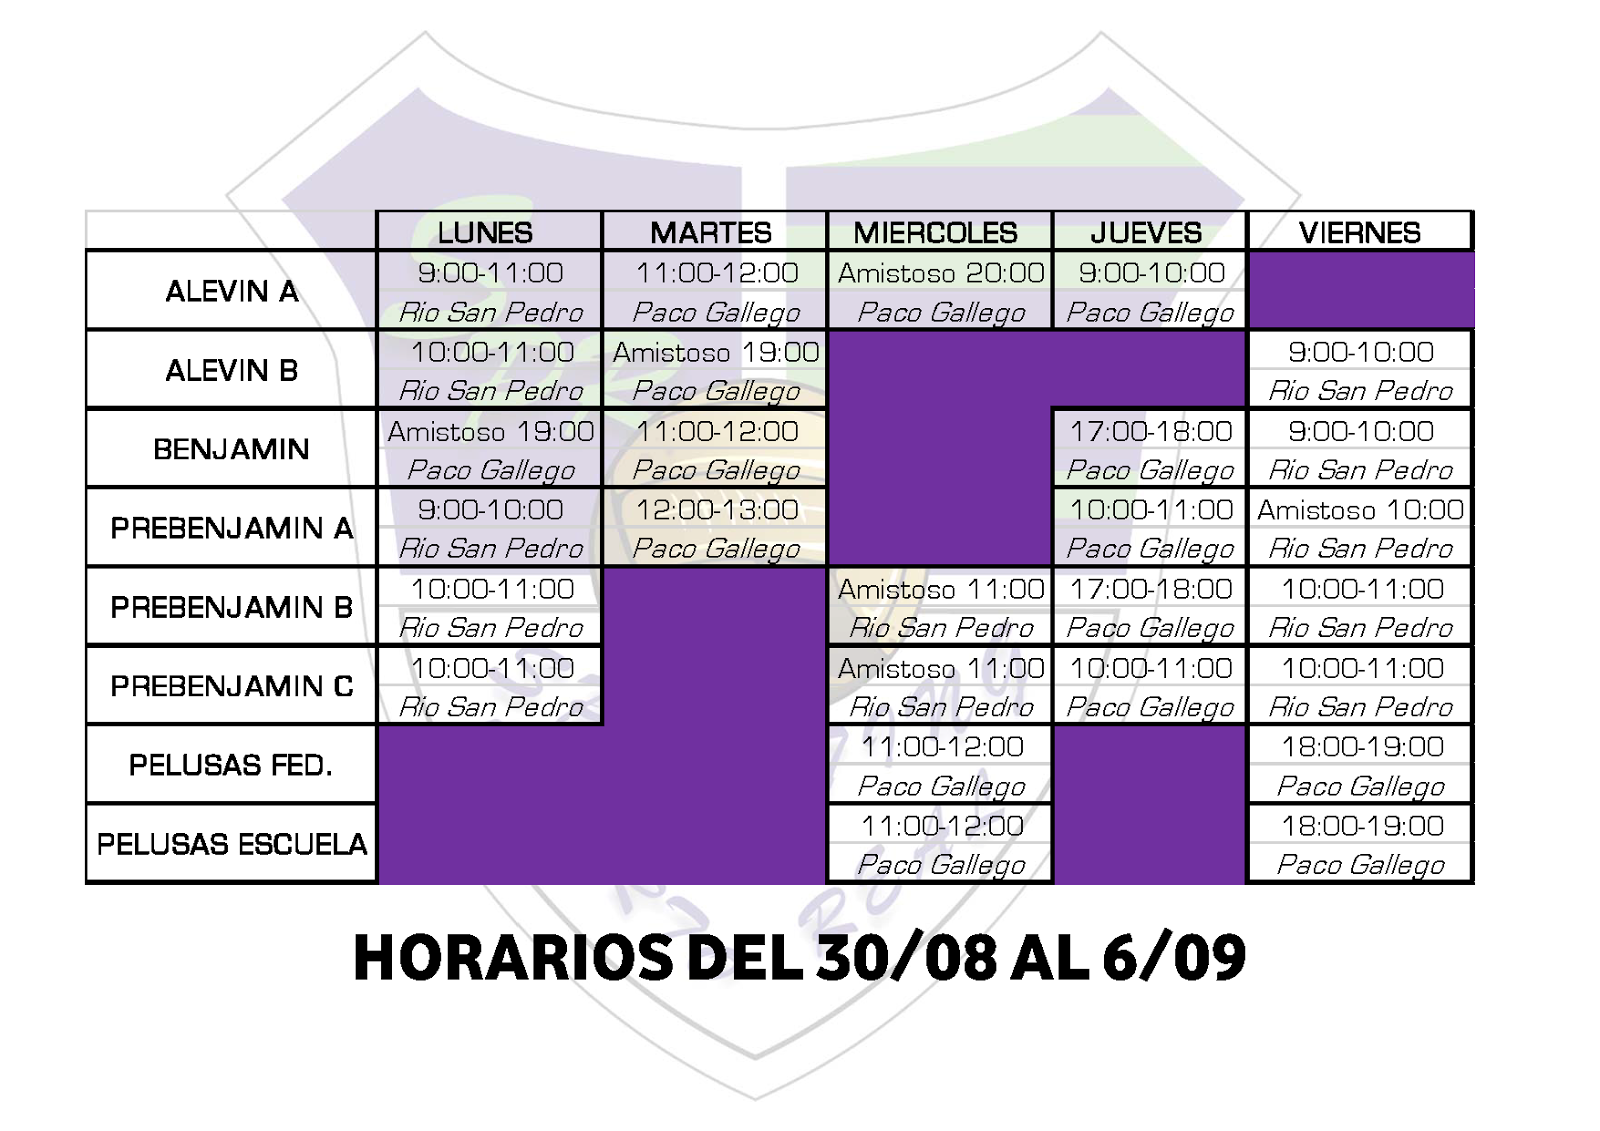 Sporting de puerto real horarios semana del 30 de agosto for Horario correos puerto real